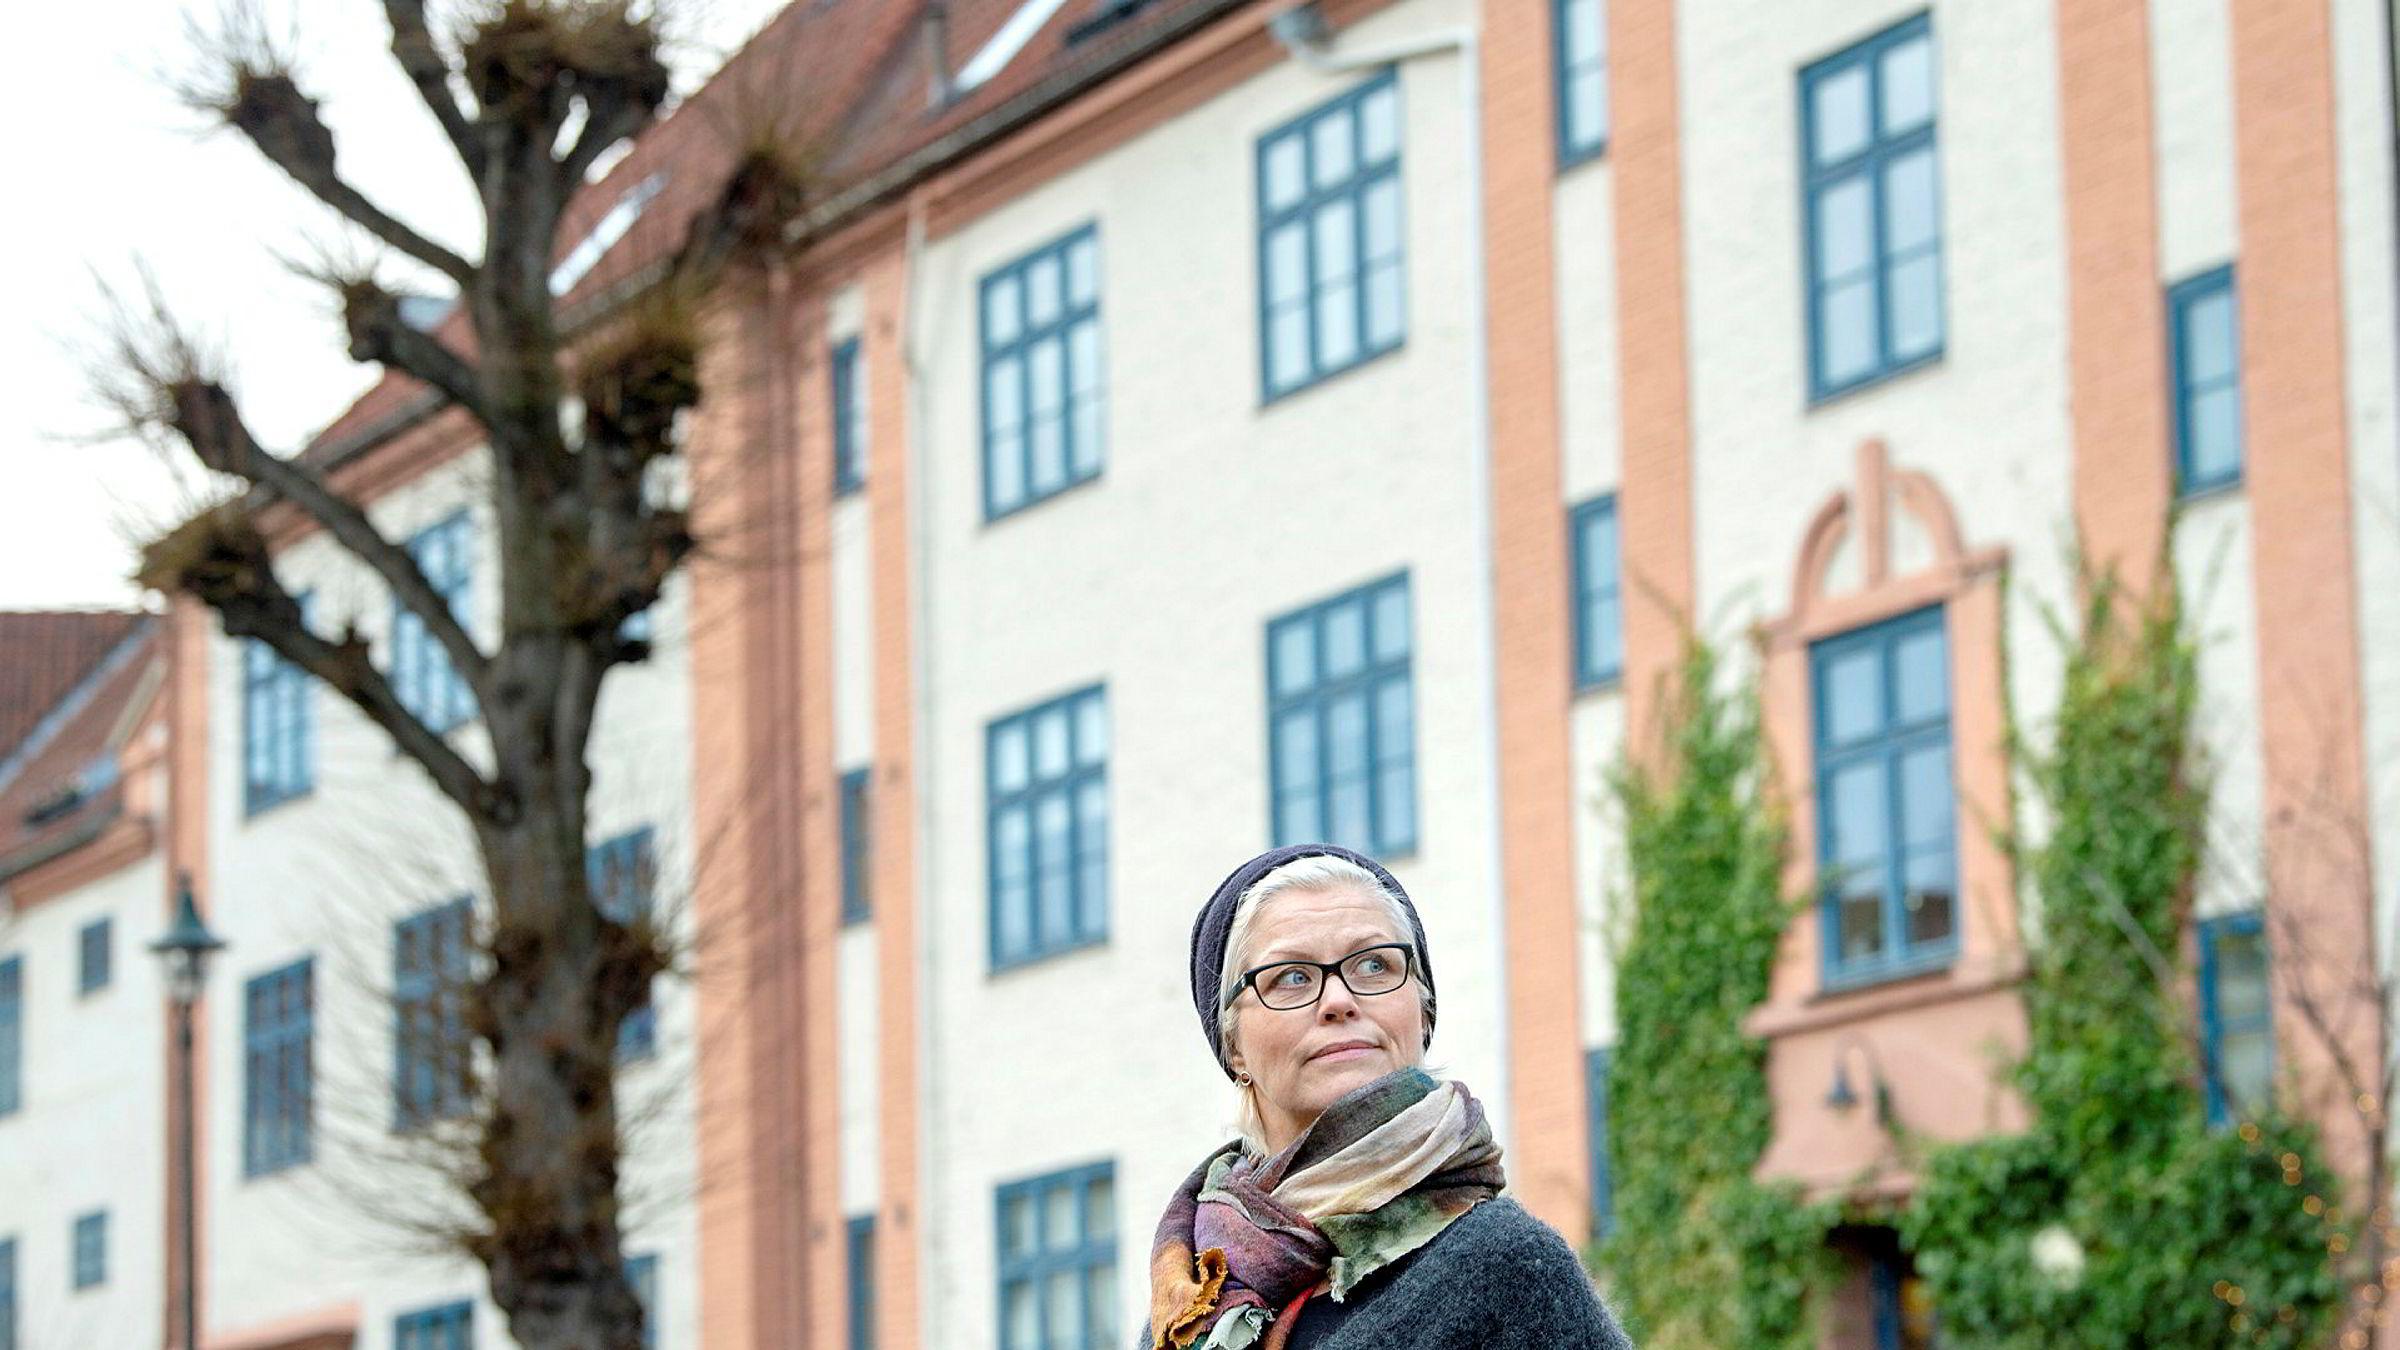 Iren Ulstein (51) bor i Oslo, men kommer fra Ulsteinvik, hvor høye strømregninger er et hett diskusjonstema.